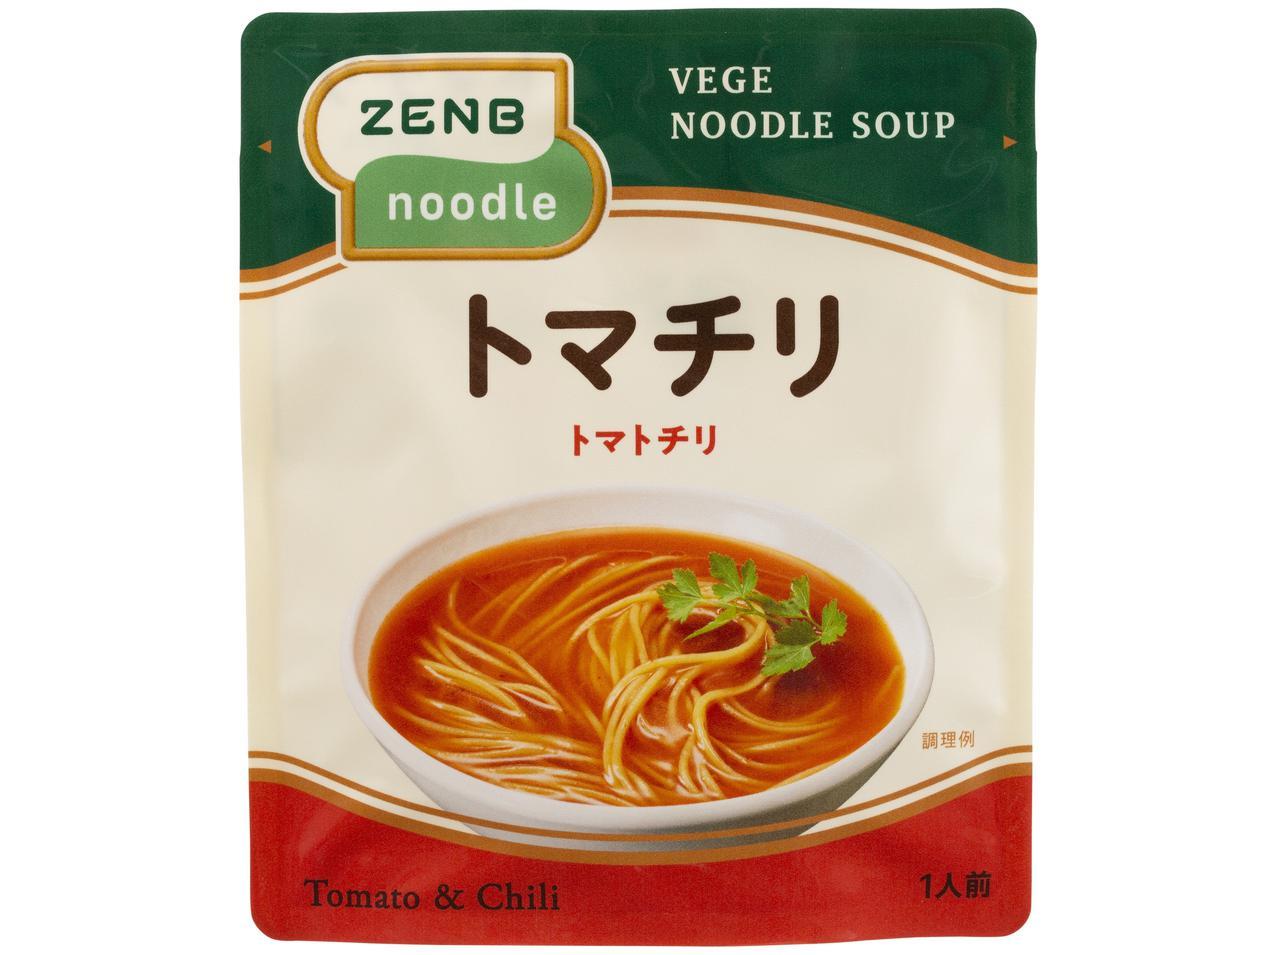 画像: ZENBトマトチリ(トマチリ) スープ 198円(税込)